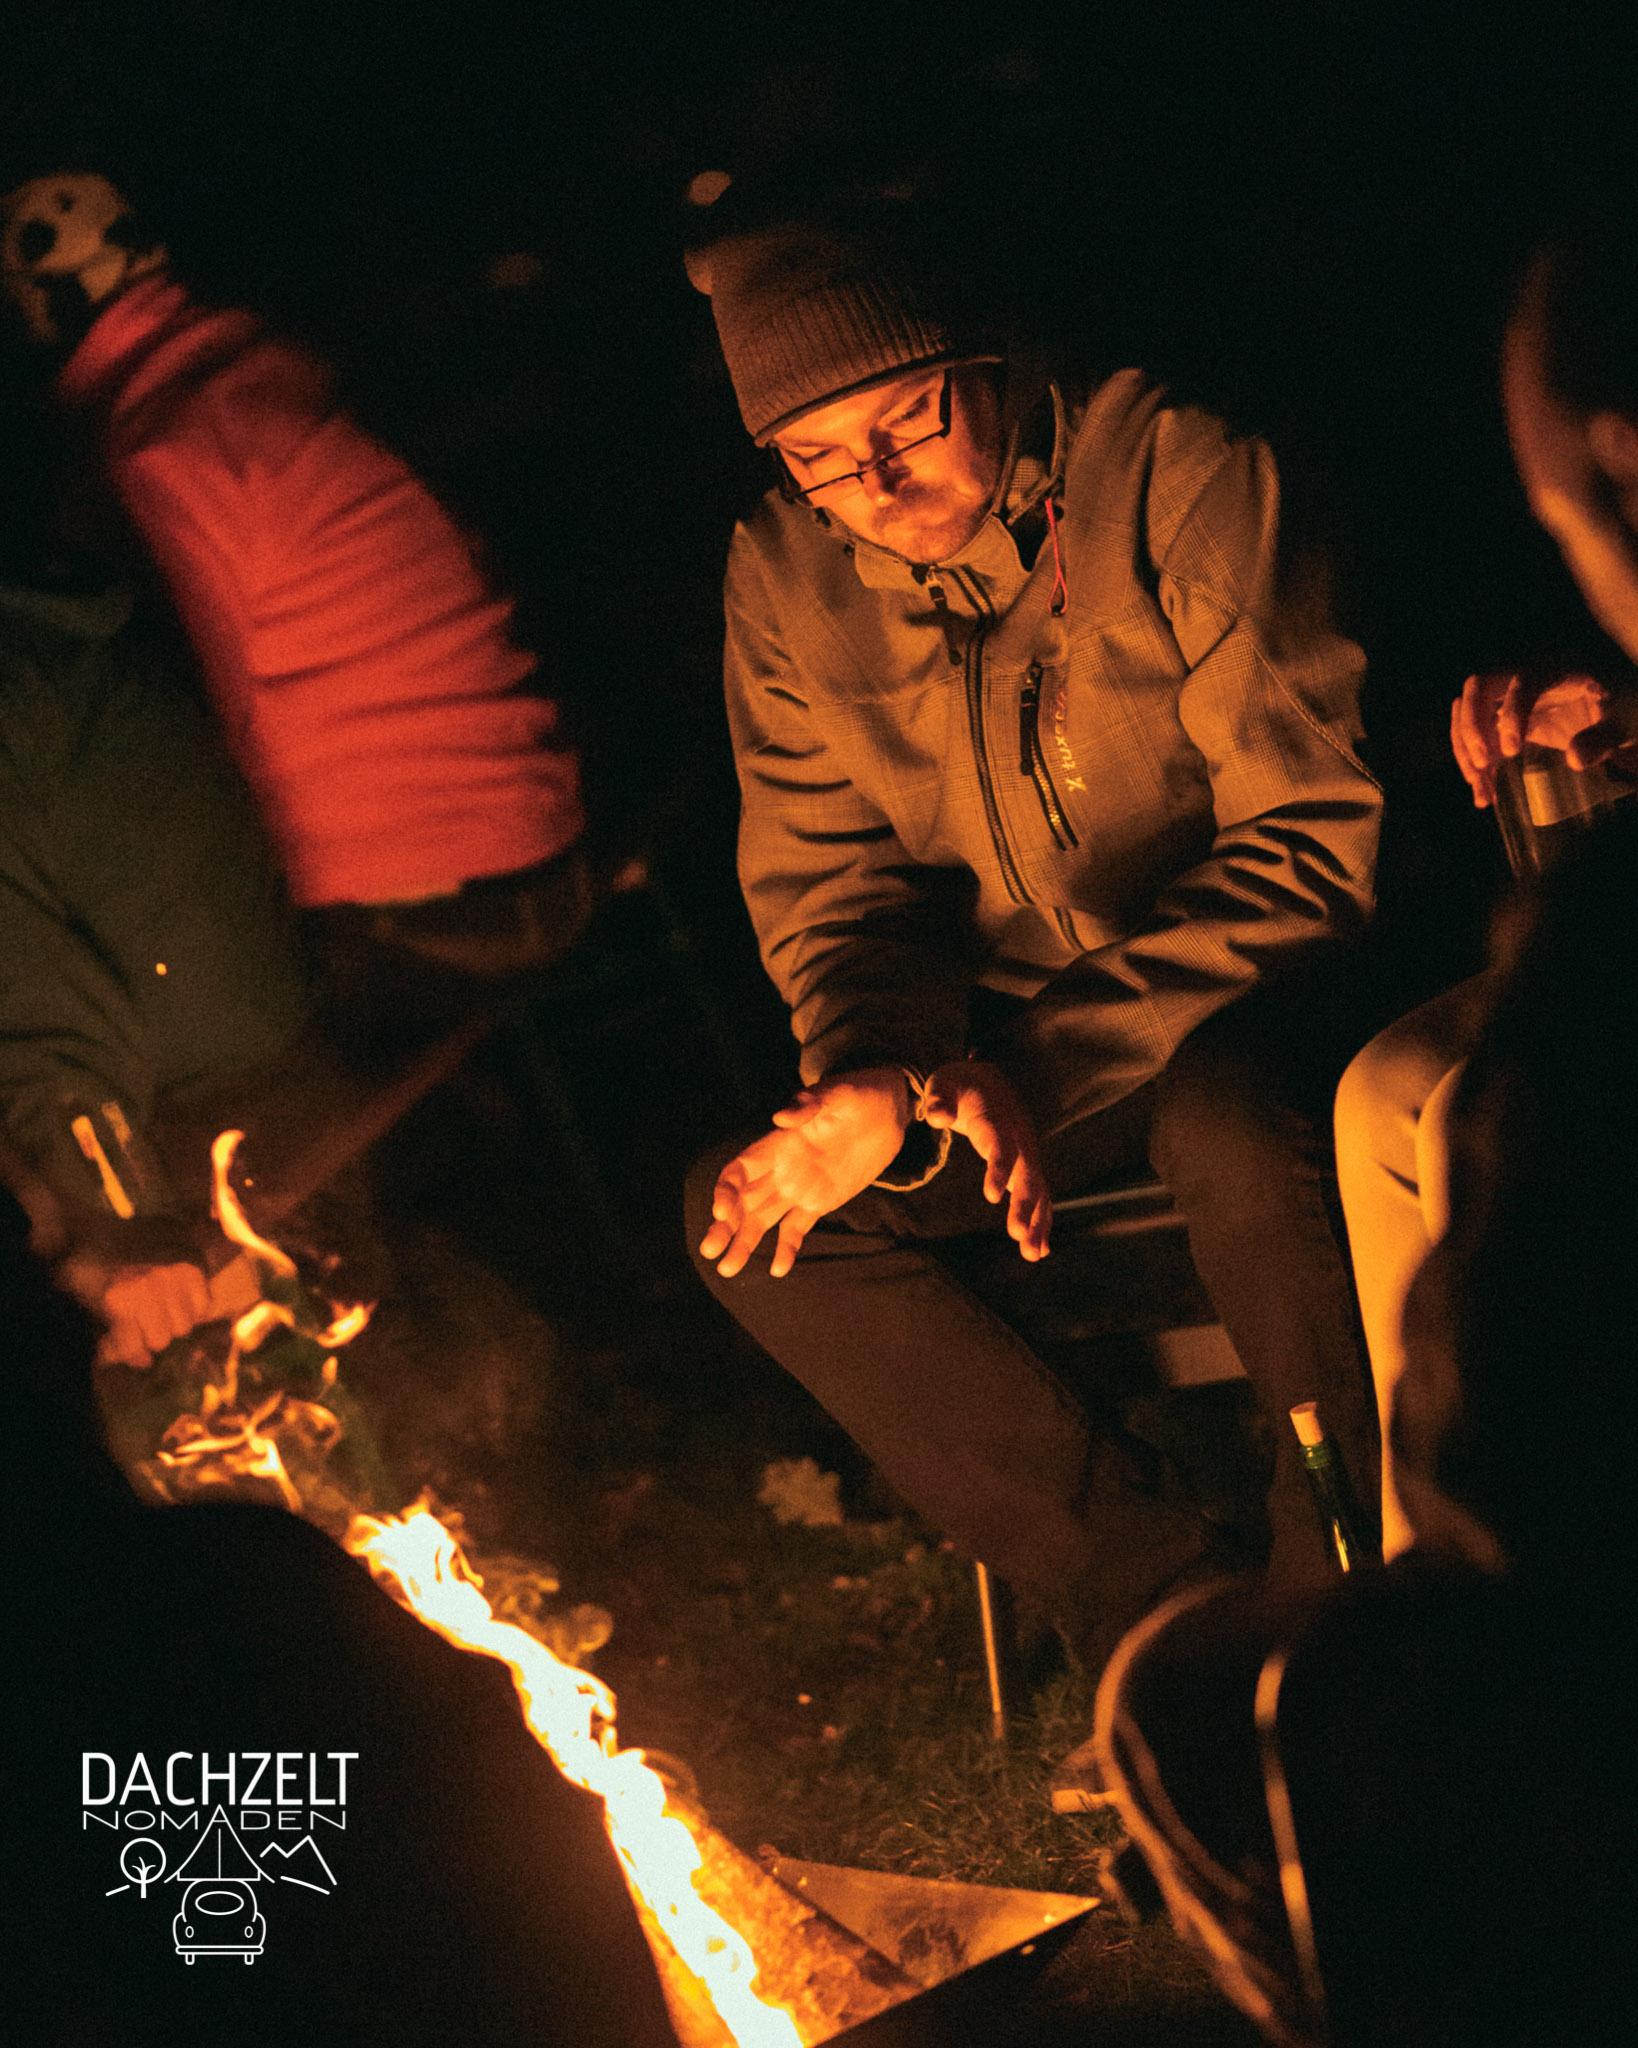 20191003-Dachzelt-Meetup-Hamburg-Dennis-Brandt- DB 0928